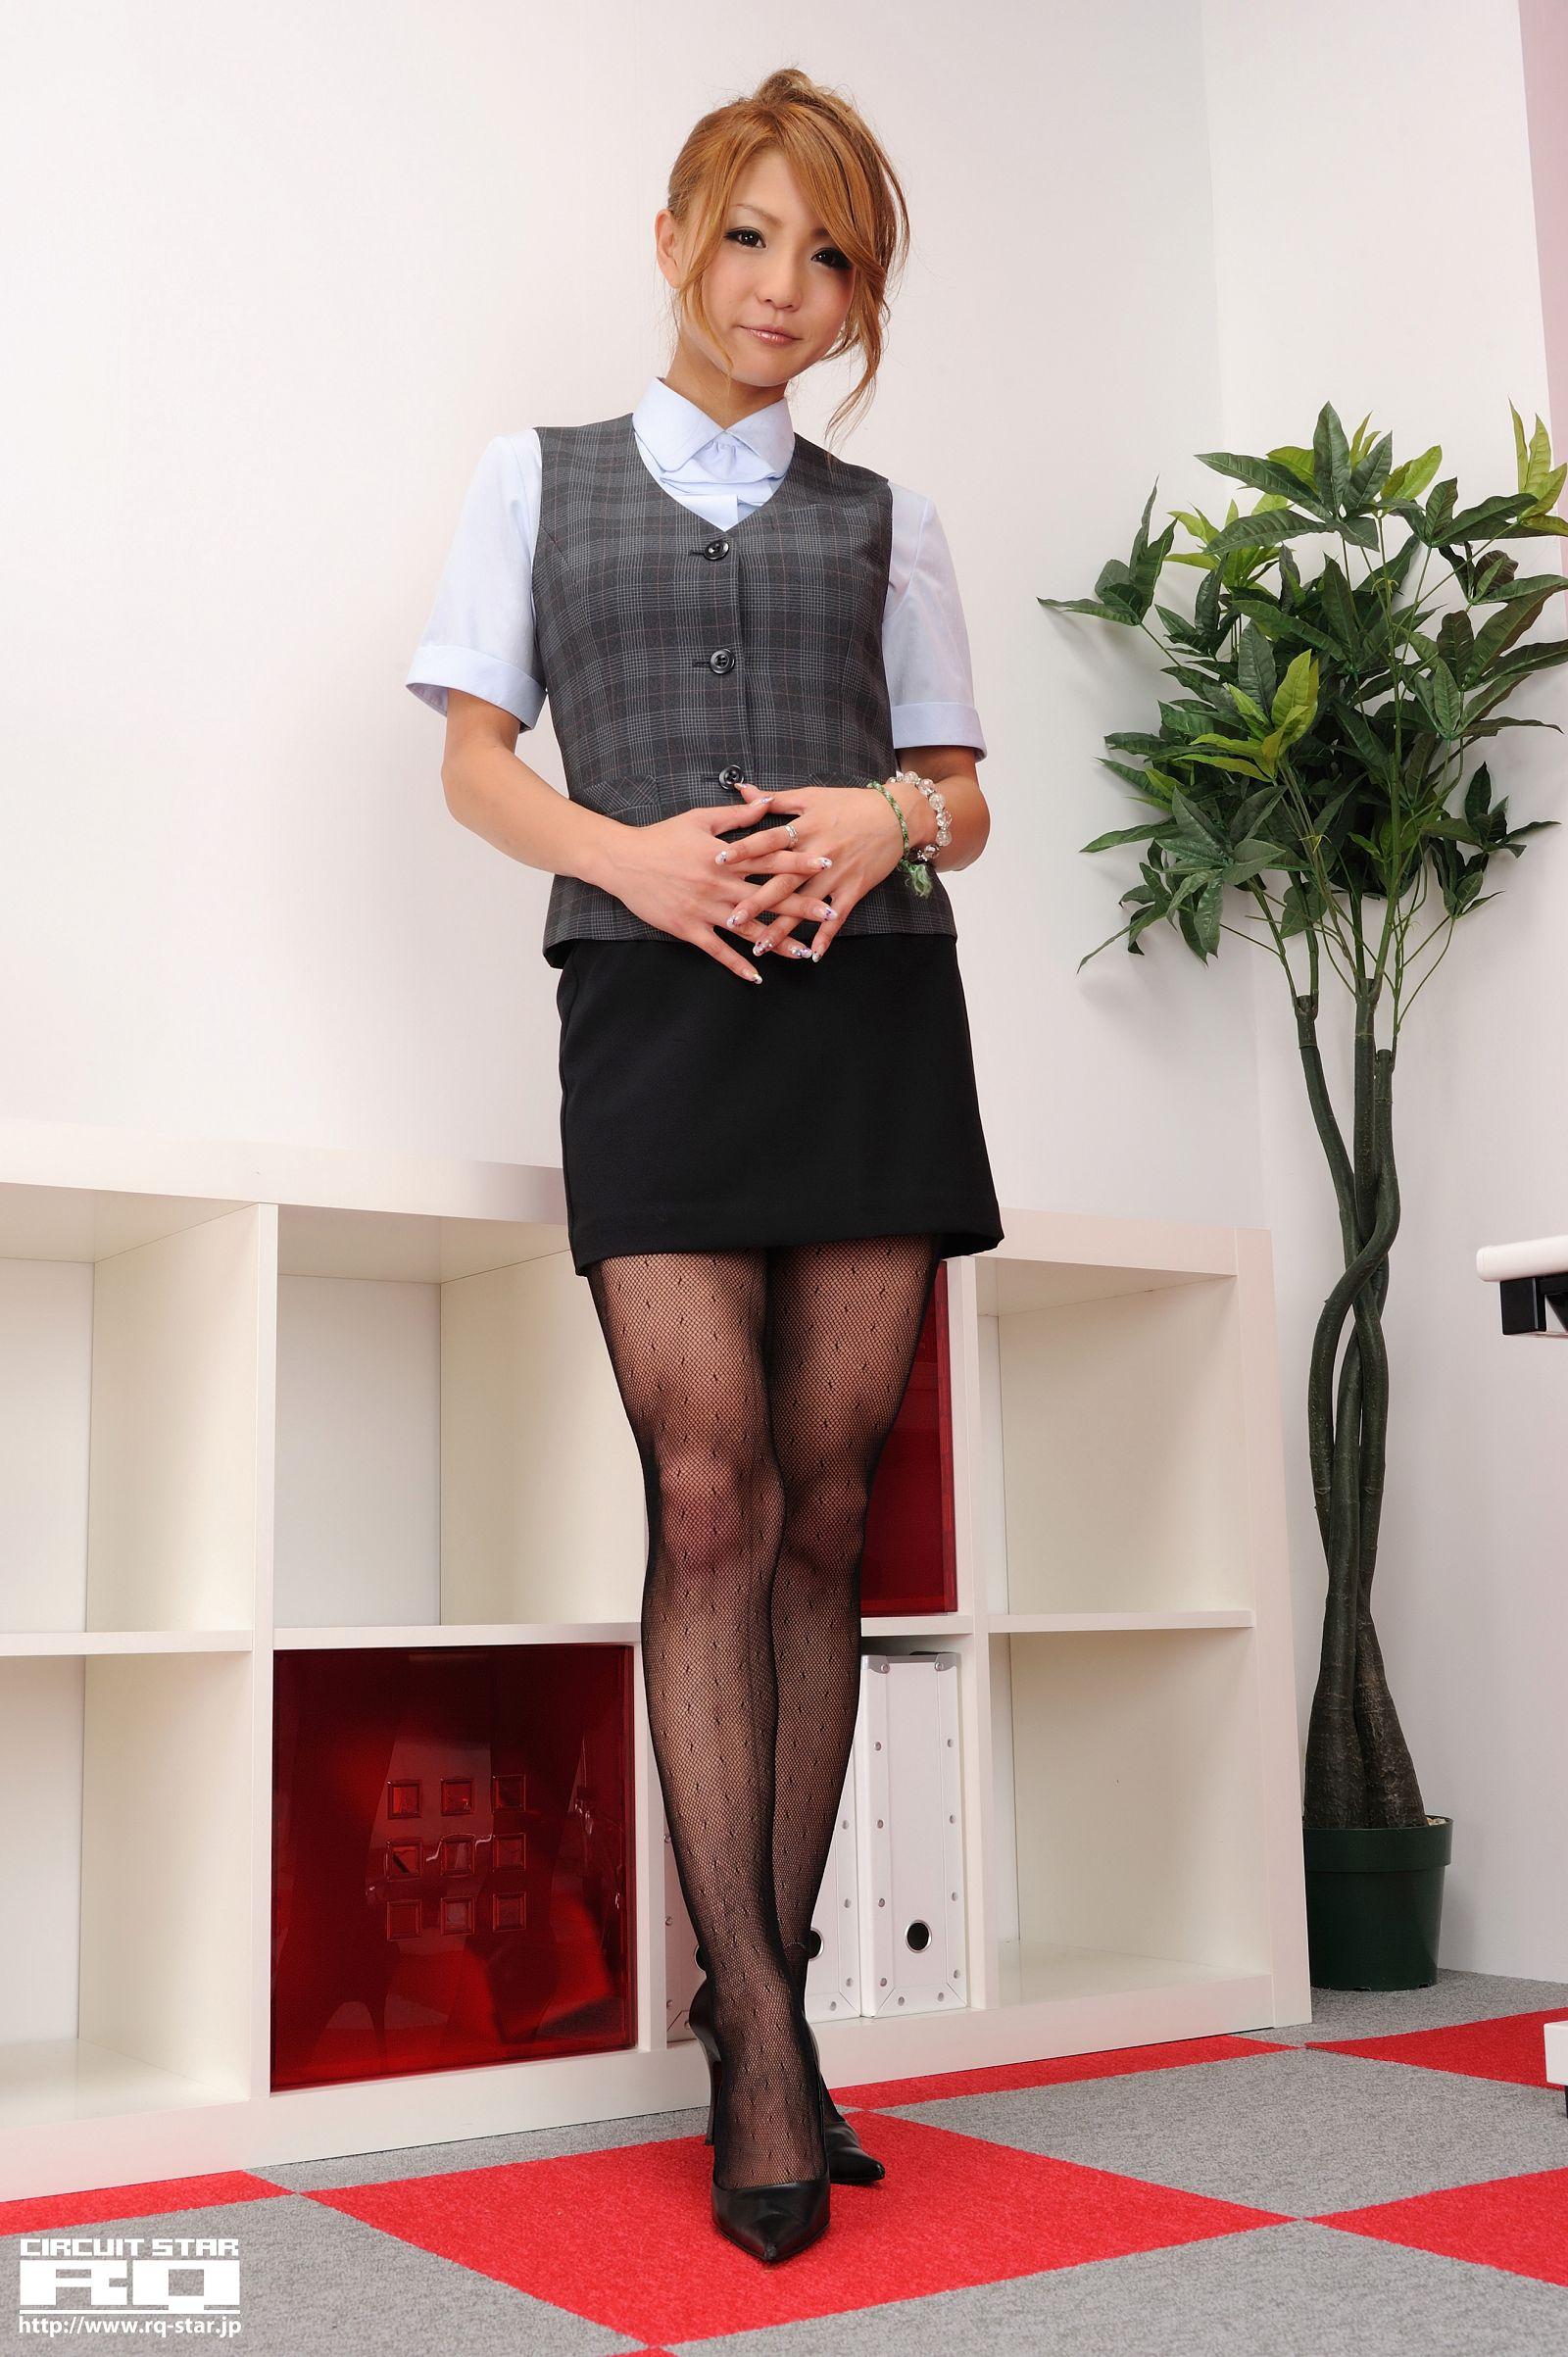 [RQ STAR美女] NO.0404 Hina Sato 佐藤陽南 Office Lady[108P] RQ STAR 第1张